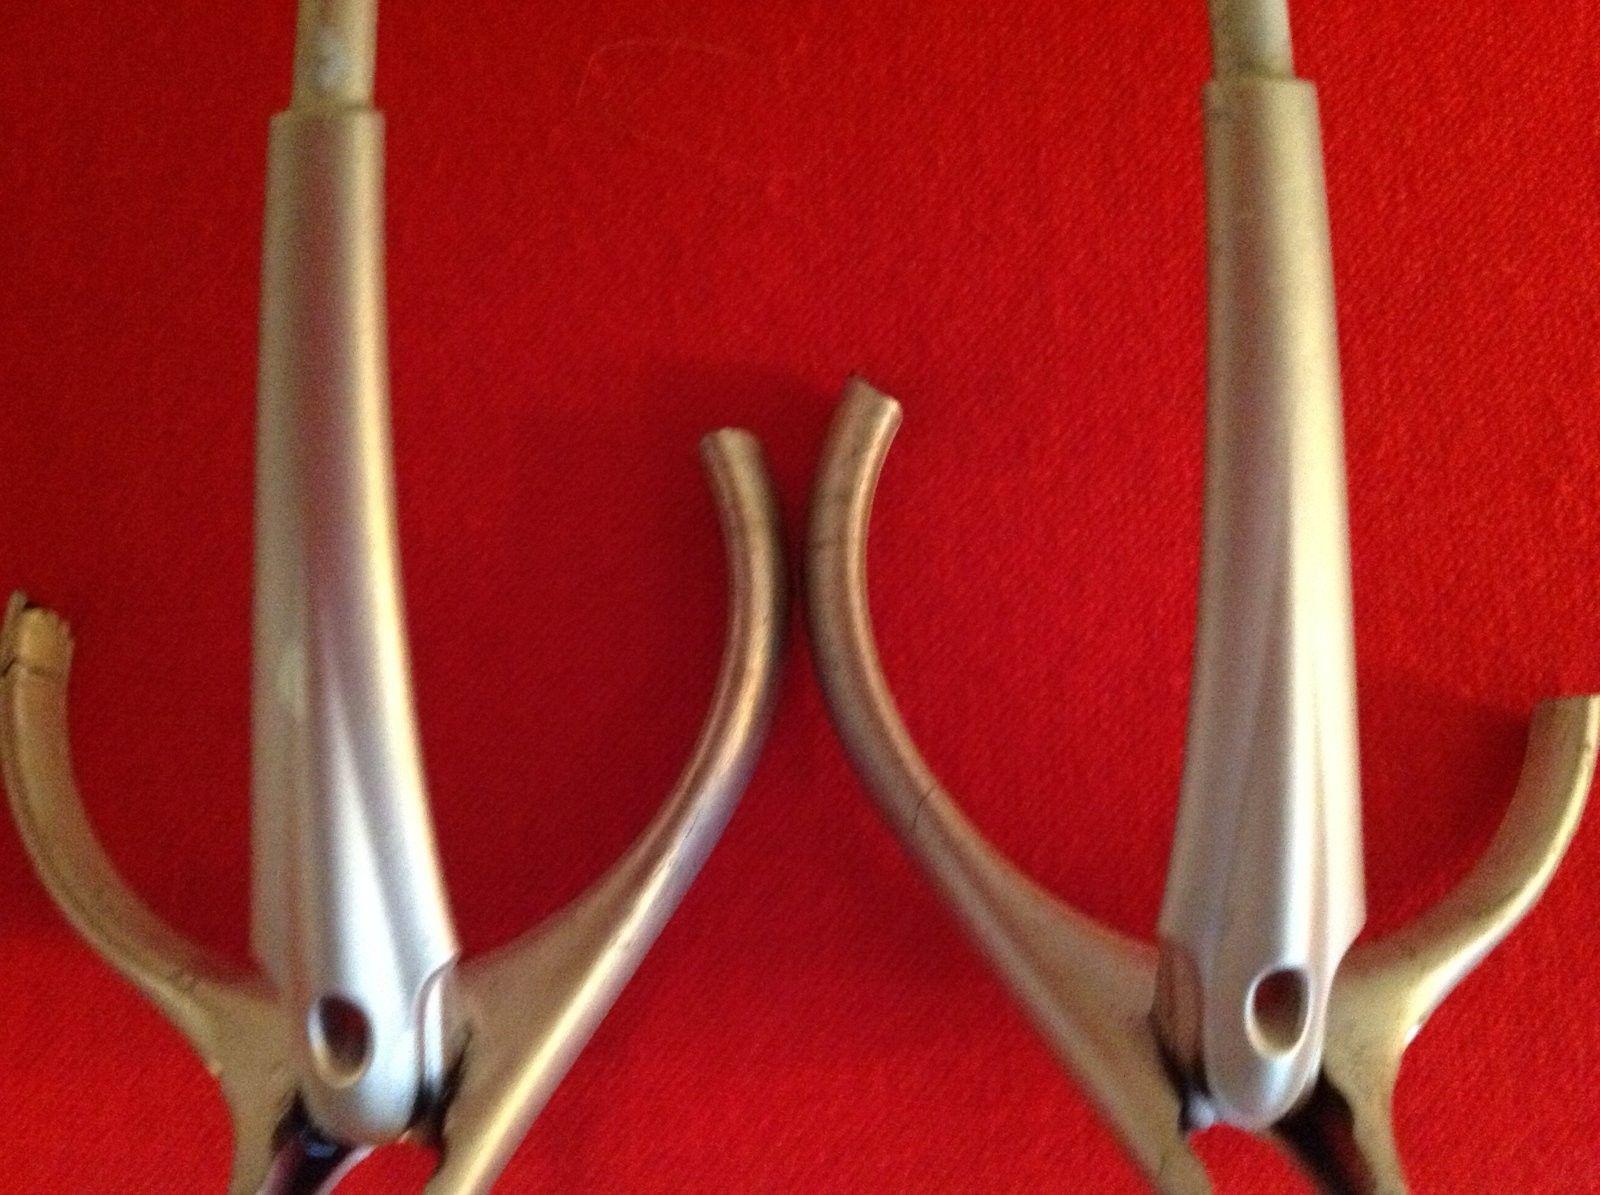 Oakley MOON Silver Ear Stems (2) Will separate - image.jpeg